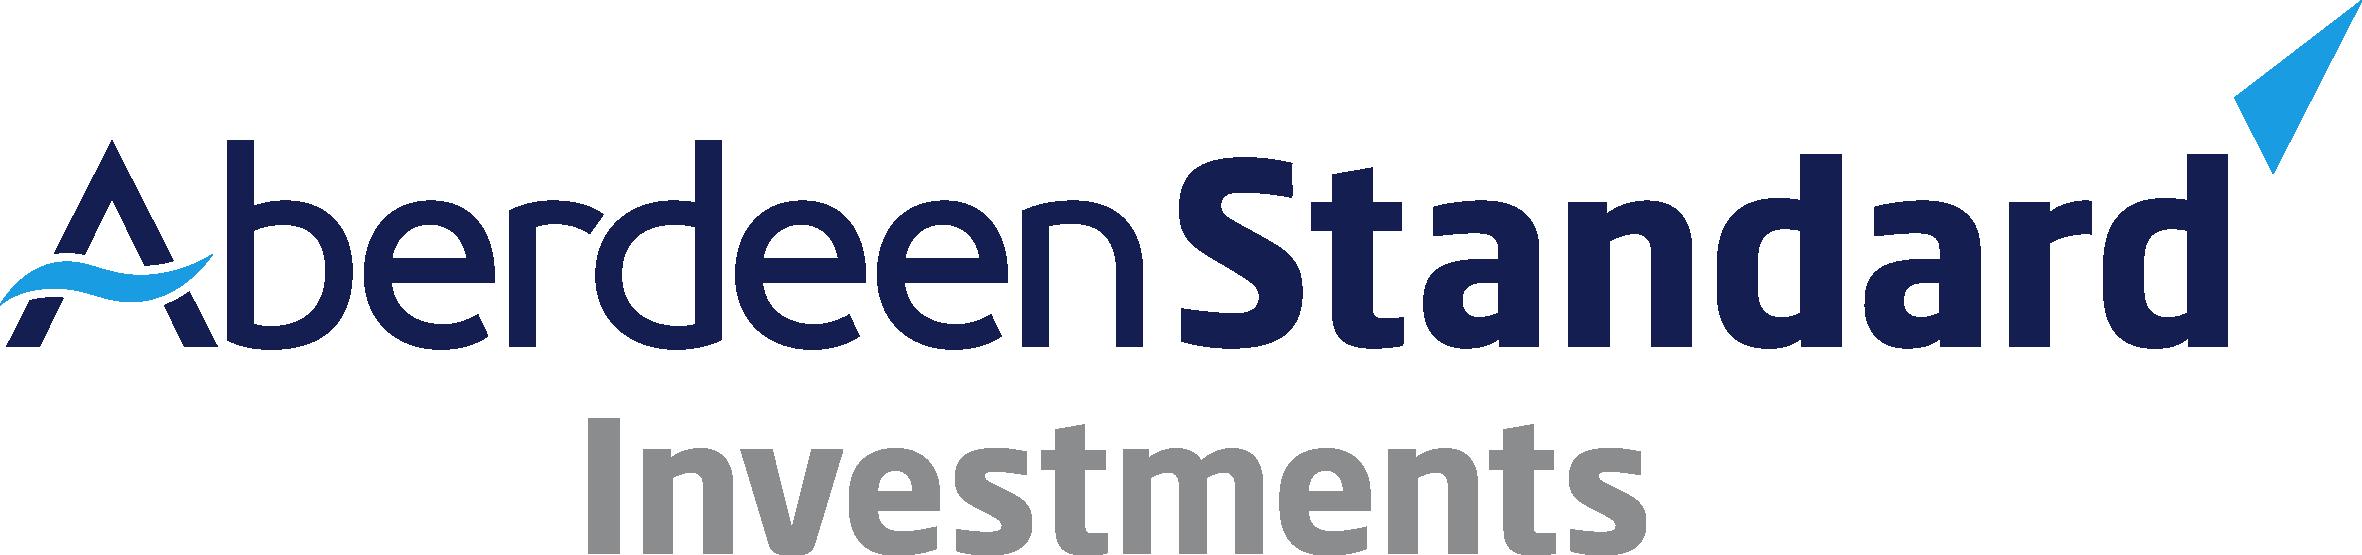 Aberdeen Frontier Markets Investment Co Ltd Logo